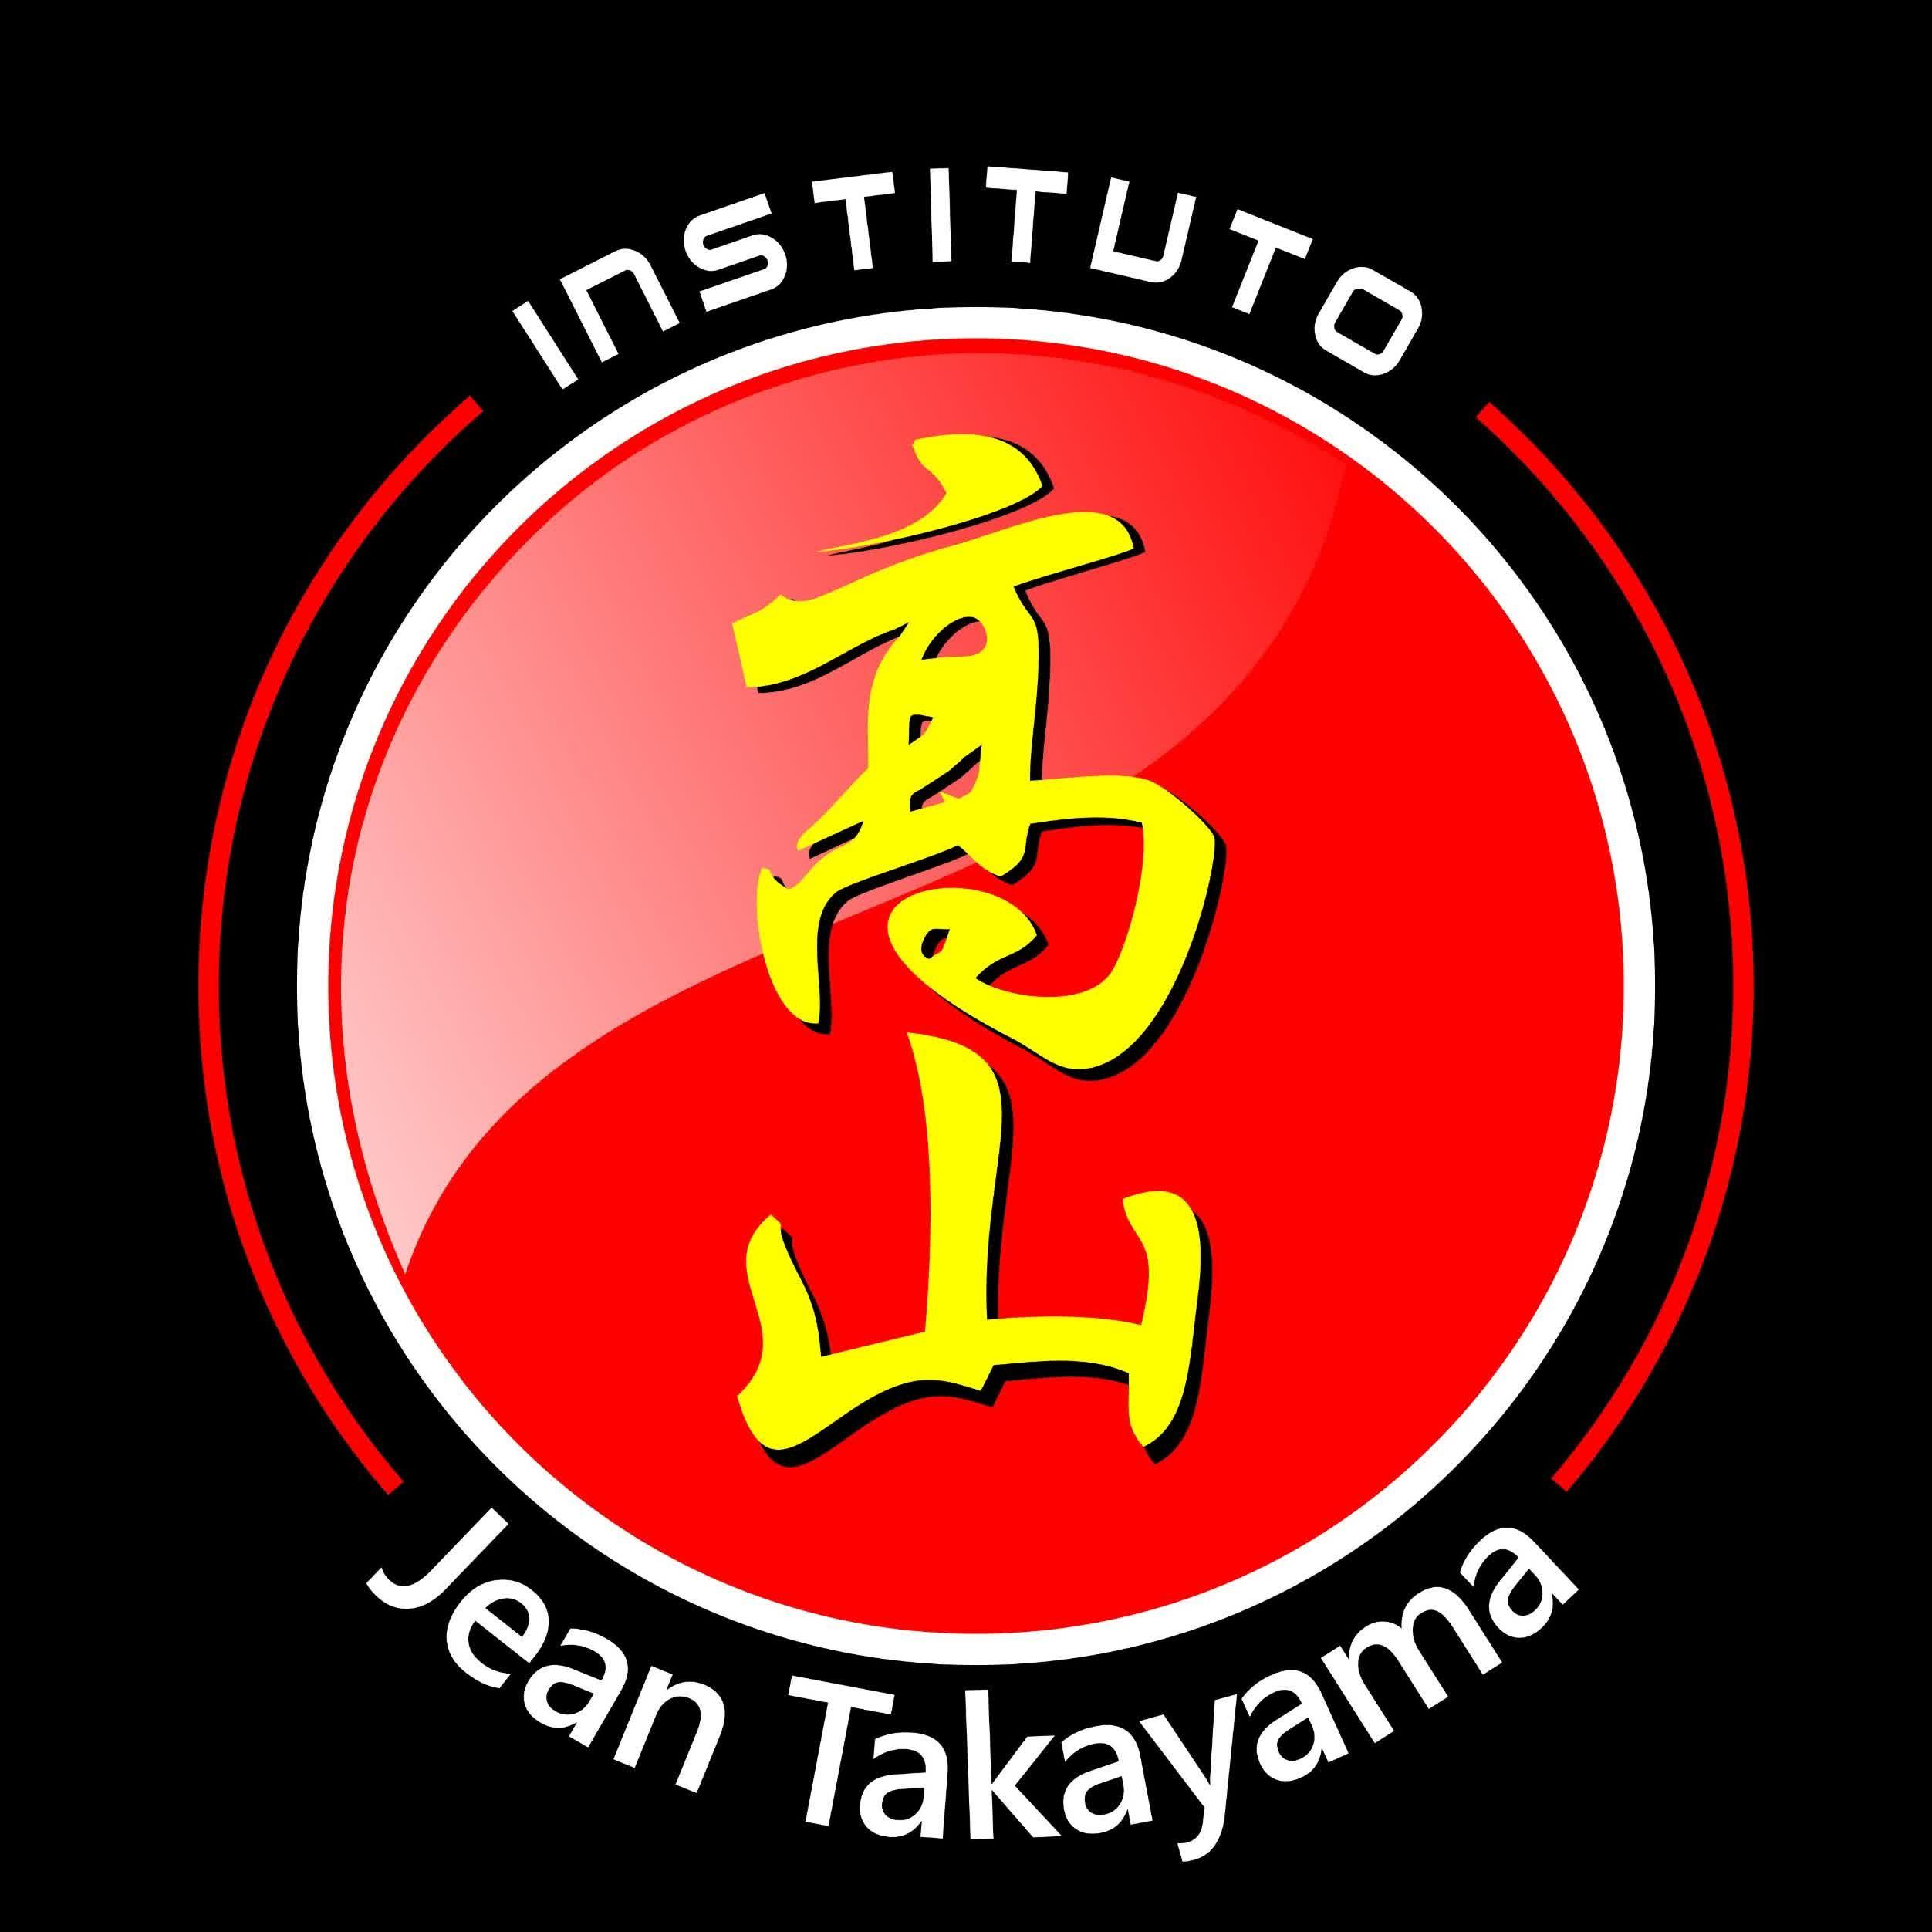 Jean Takayama